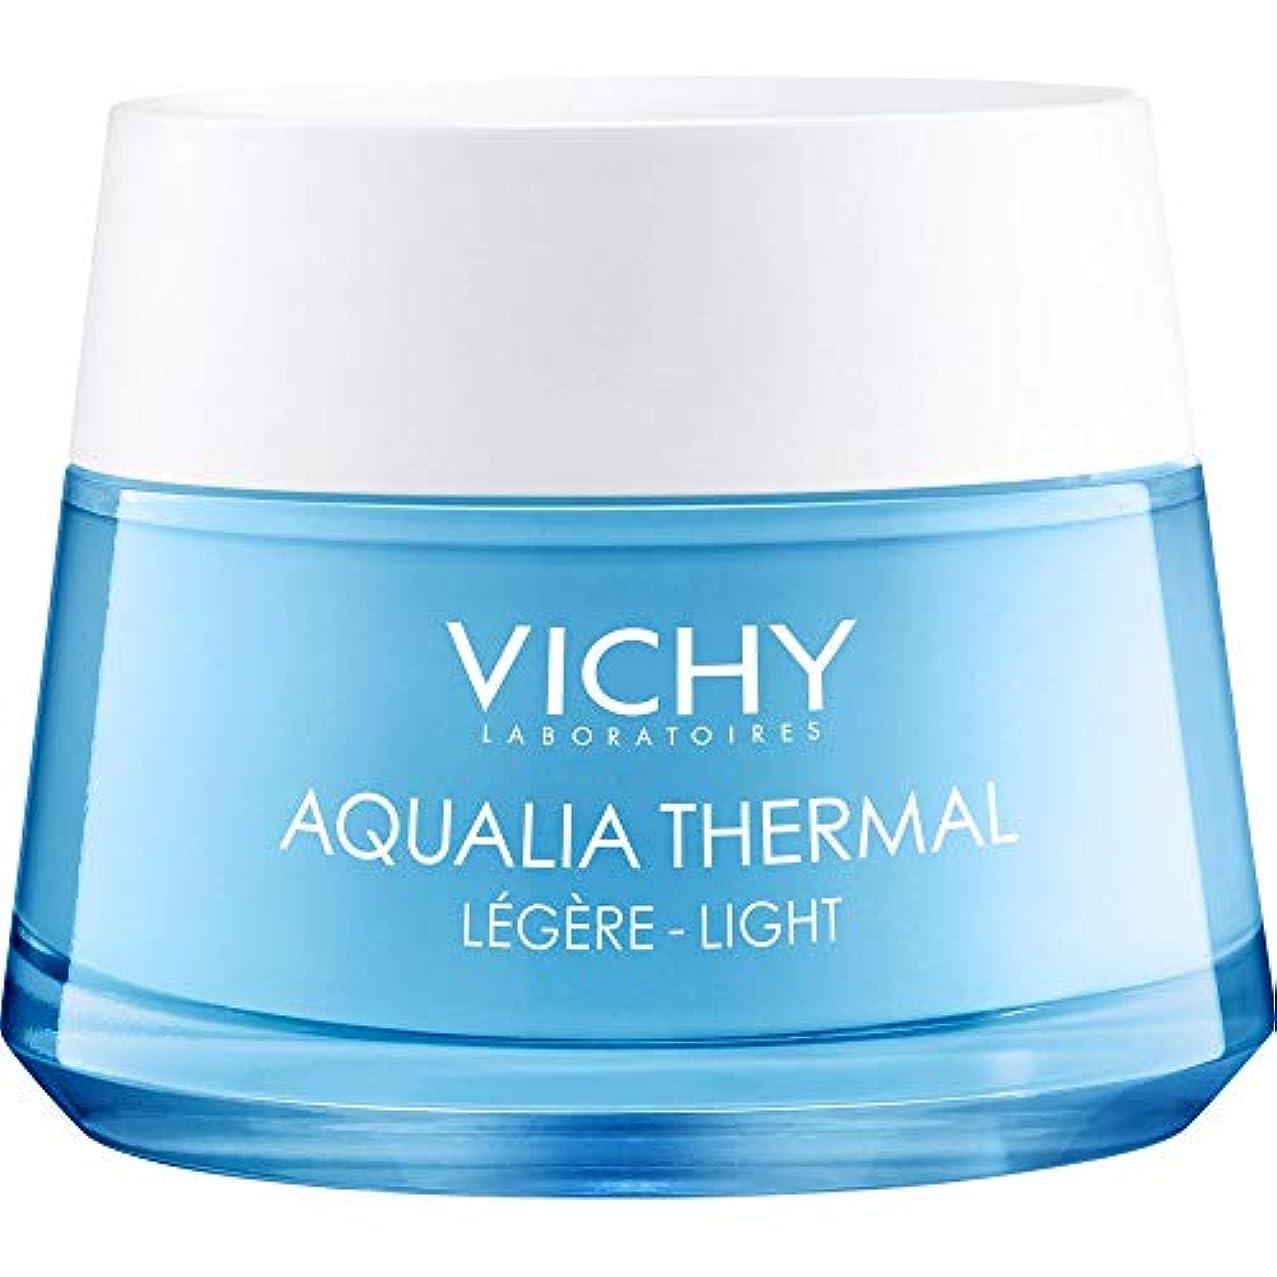 リアル肌寒い疑問を超えて[Vichy] 熱再水和の光クリームAqualiaヴィシー - 正常な皮膚の50ミリリットル - Vichy Aqualia Thermal Rehydrating Light Cream - Normal Skin 50ml...